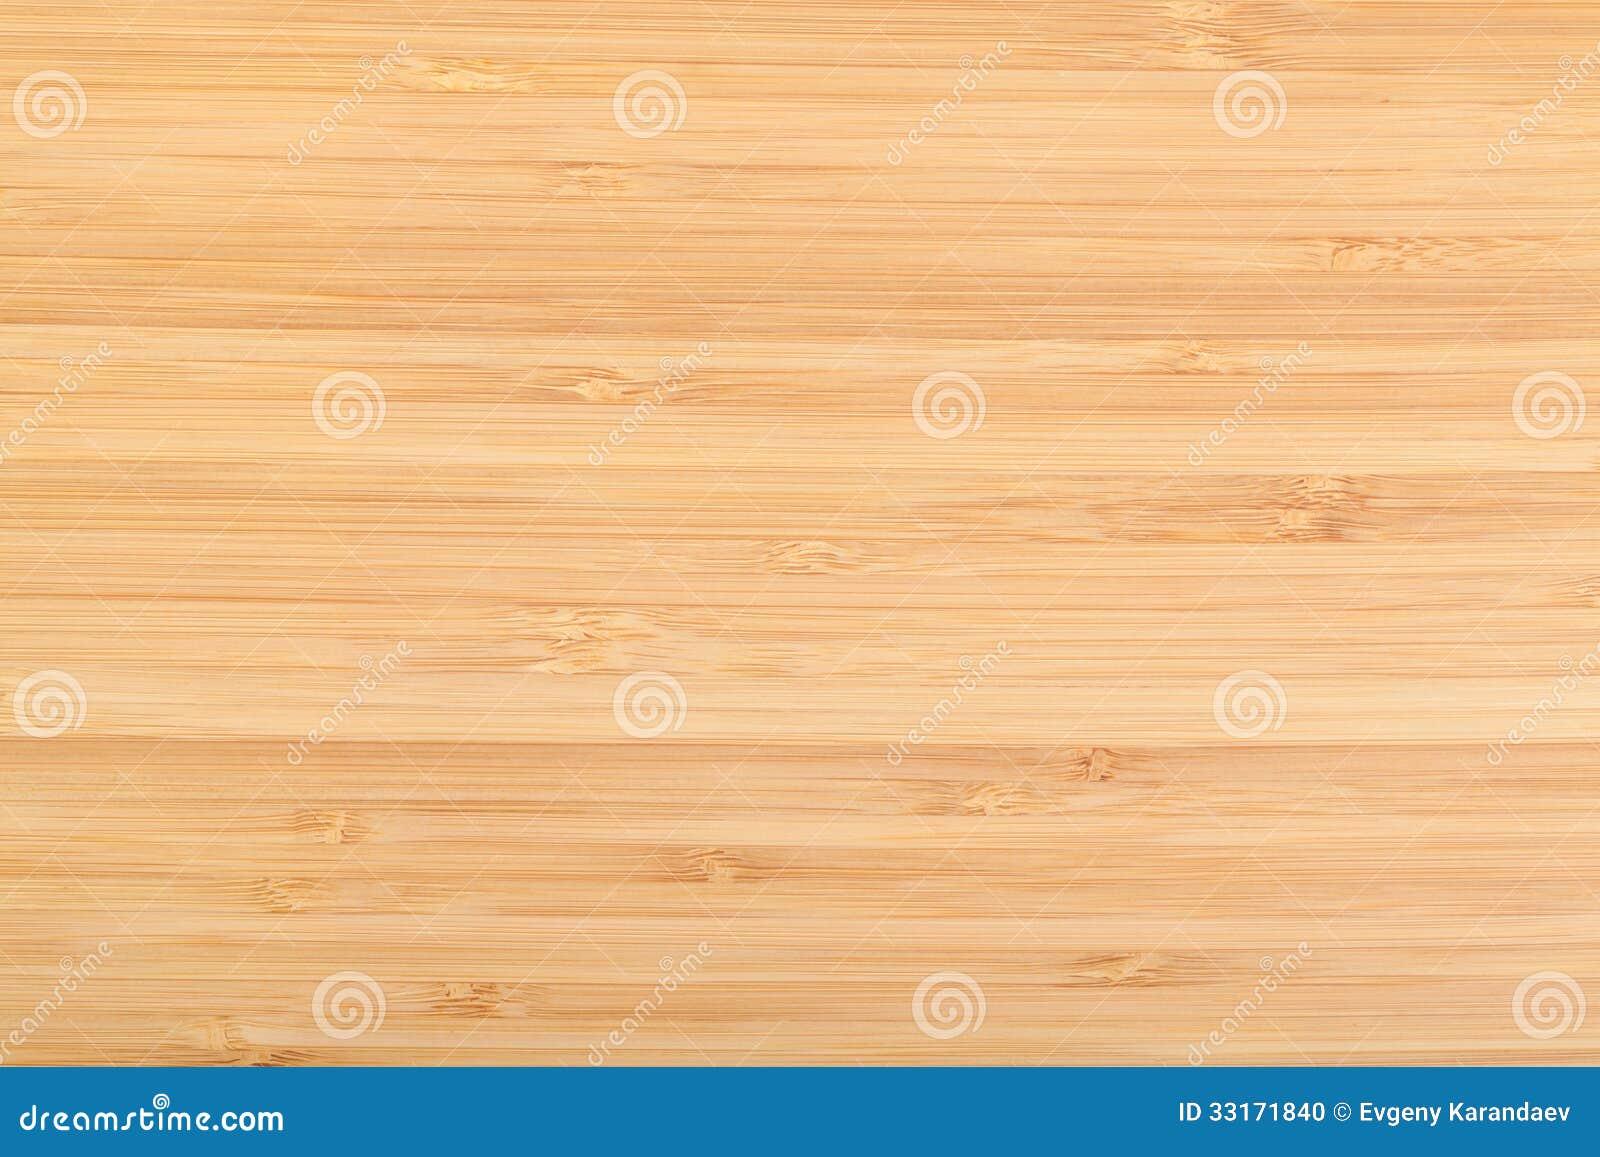 wood texture background stock photo image of hardwood